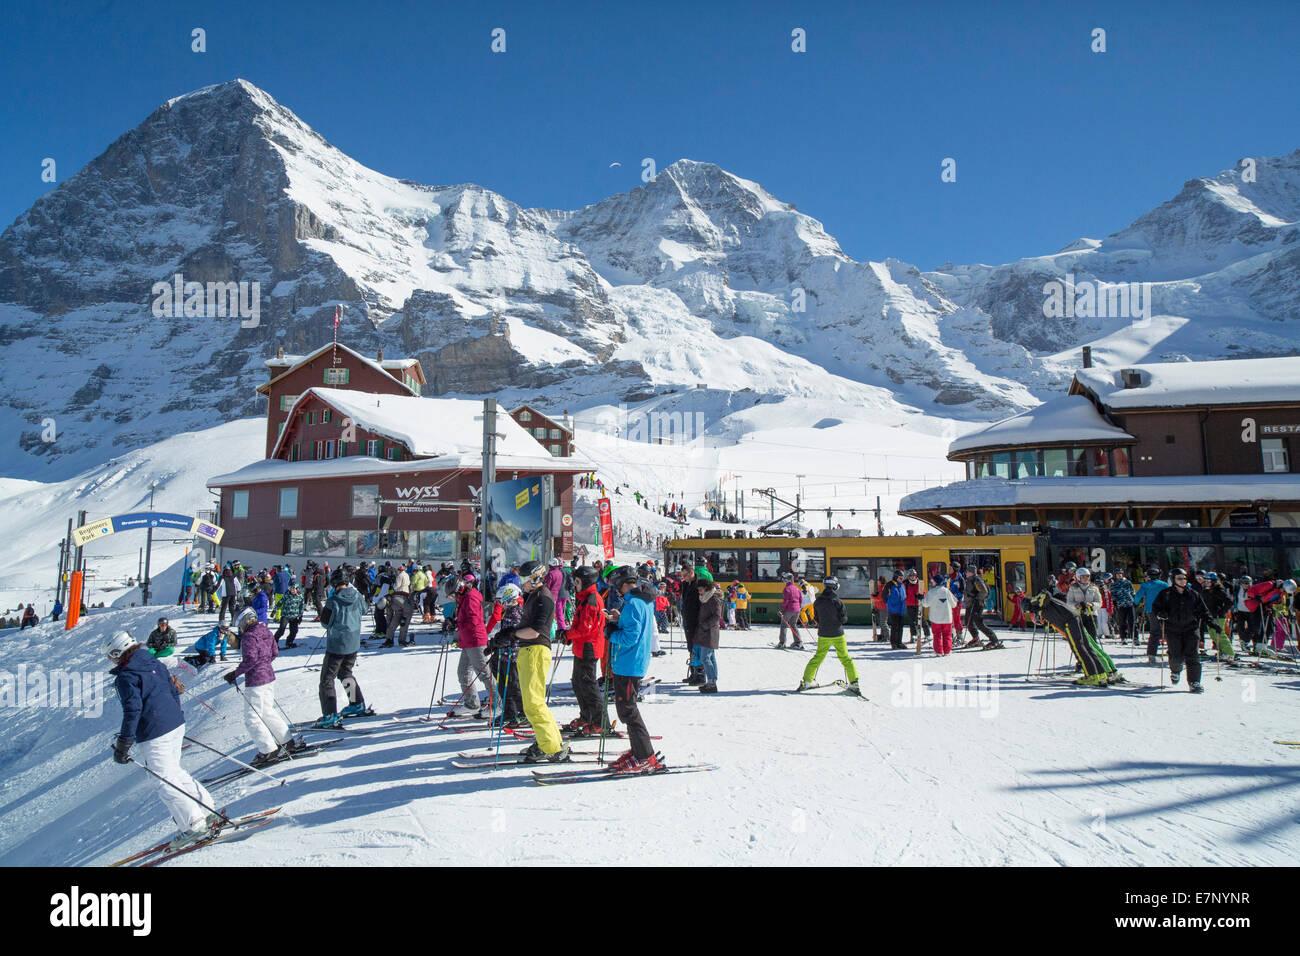 Jungfrau railroad, railway station, Kleine Scheidegg, mountain, mountains, winters, canton Bern, tourism, holidays, - Stock Image